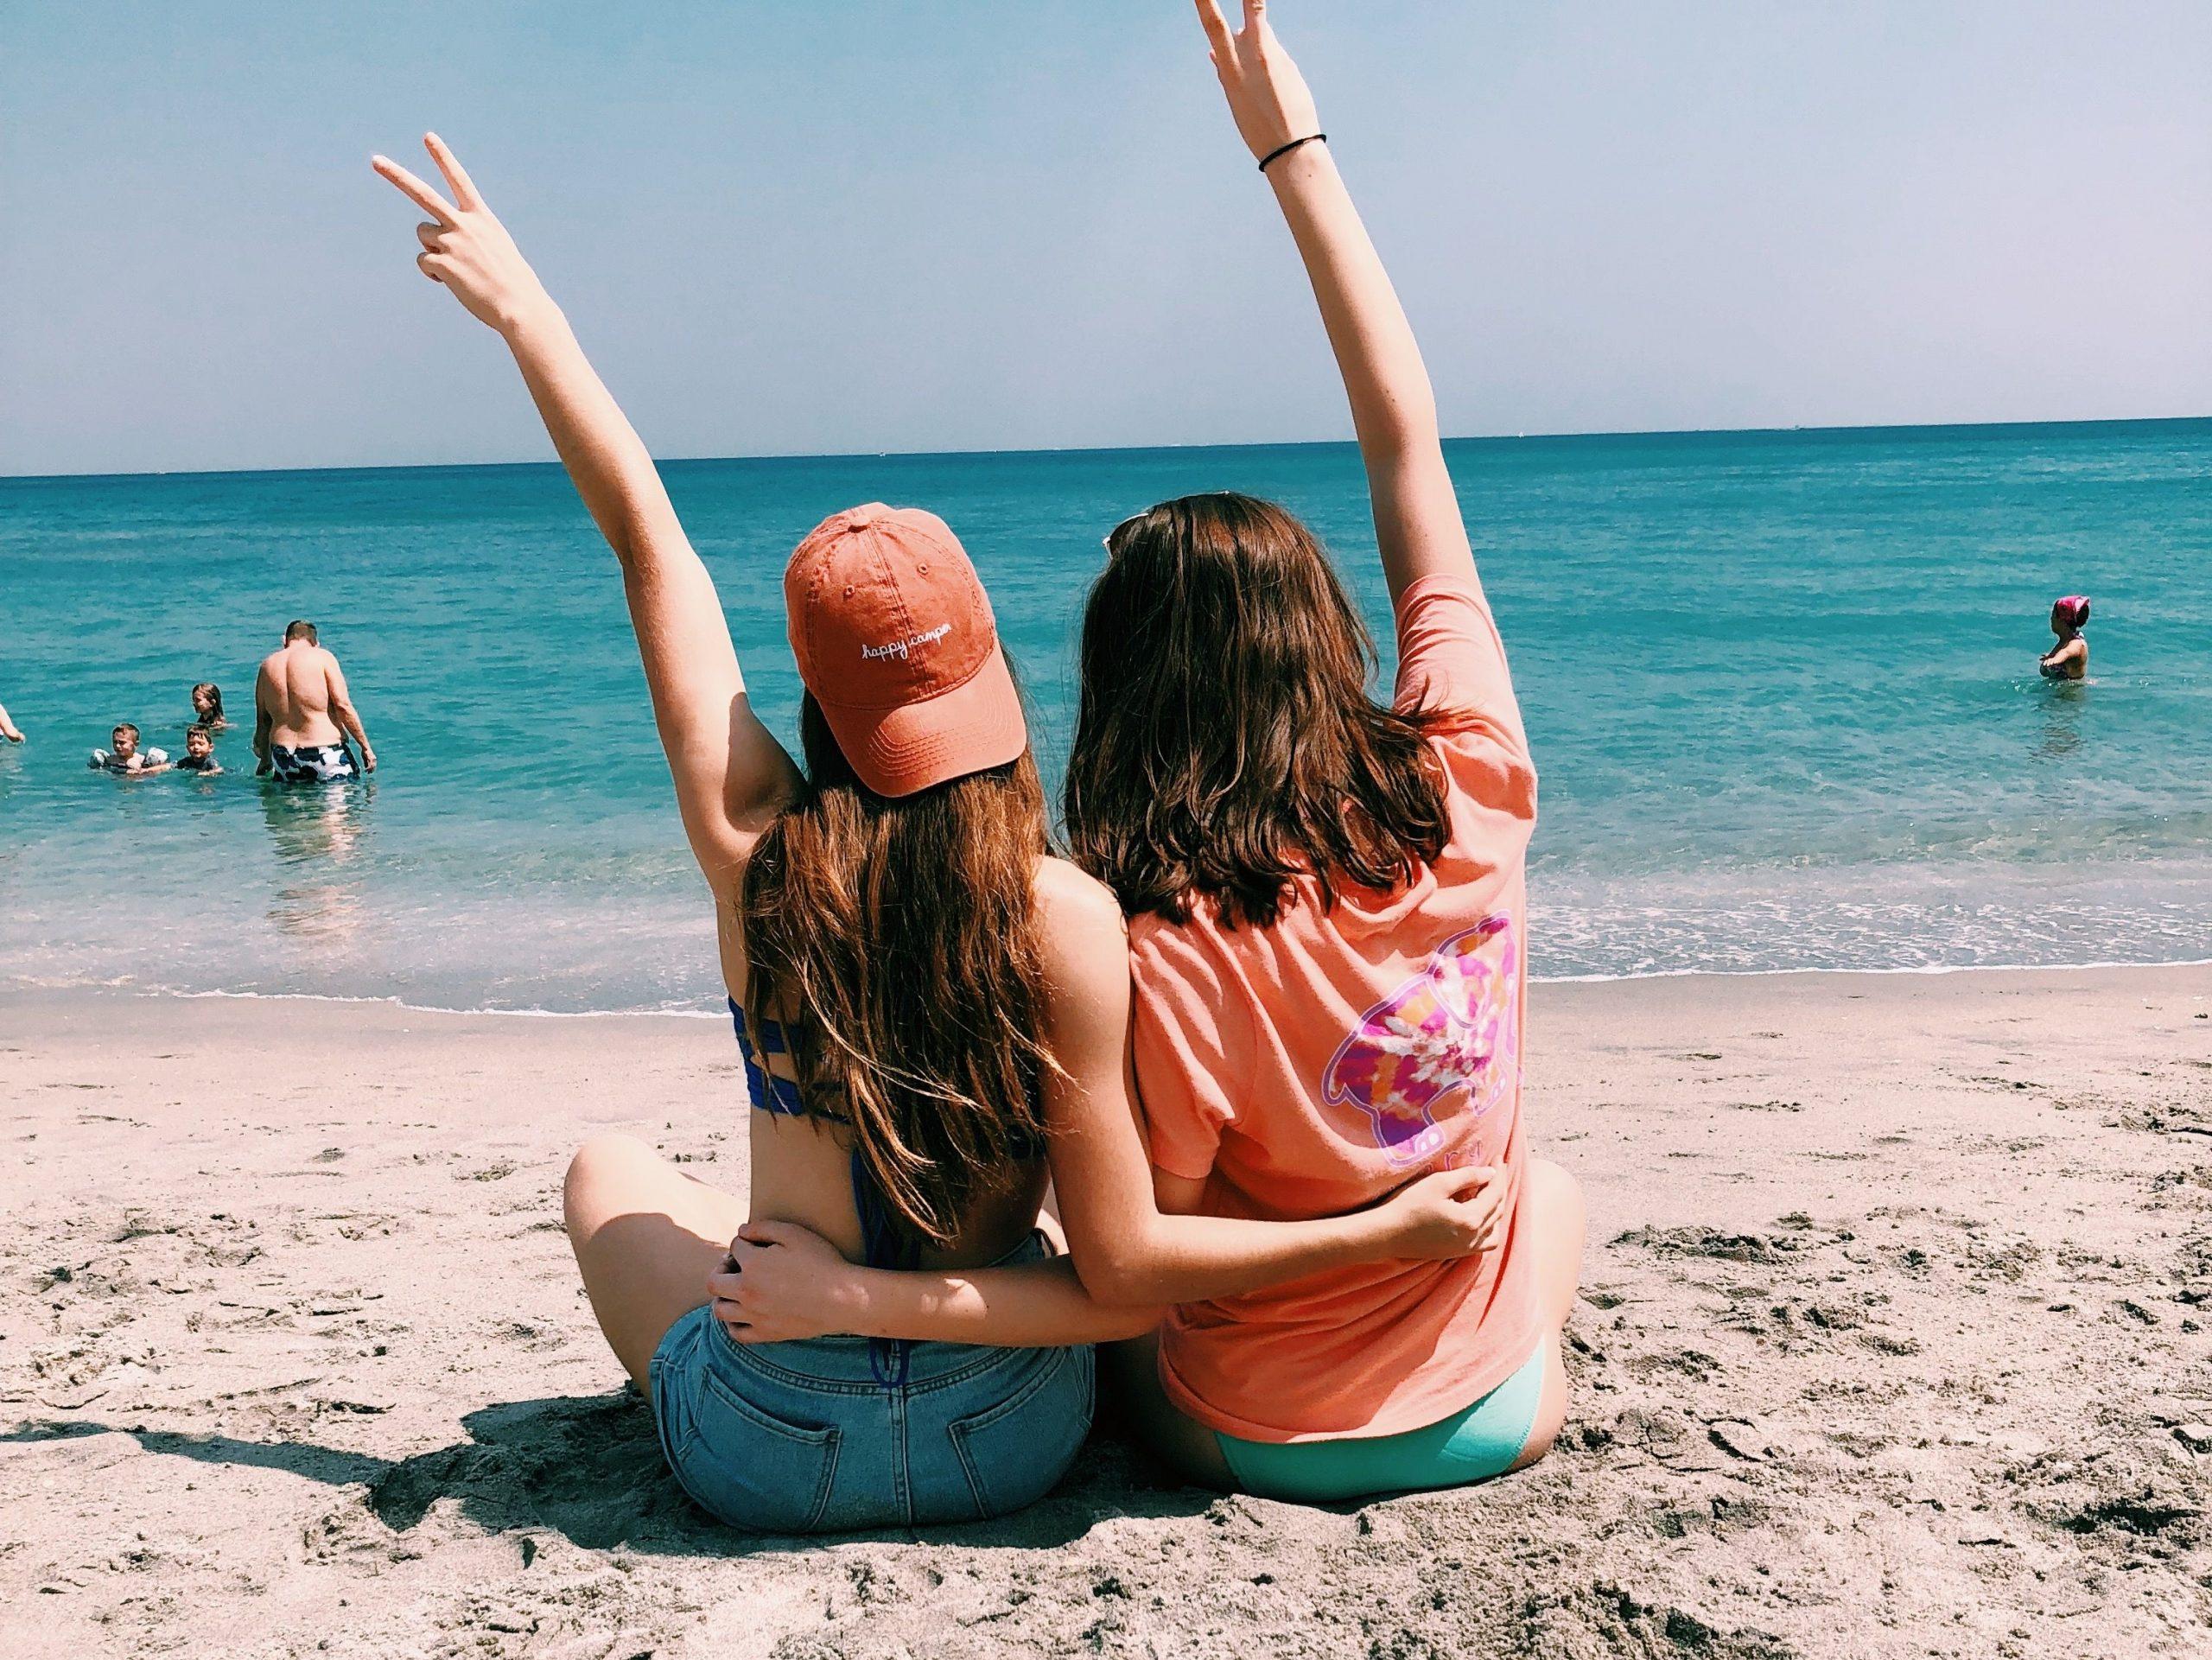 Με πόσους φίλους μας μπορούμε να βρέθουμε και σε ποιους χώρους επιτρέπεται;